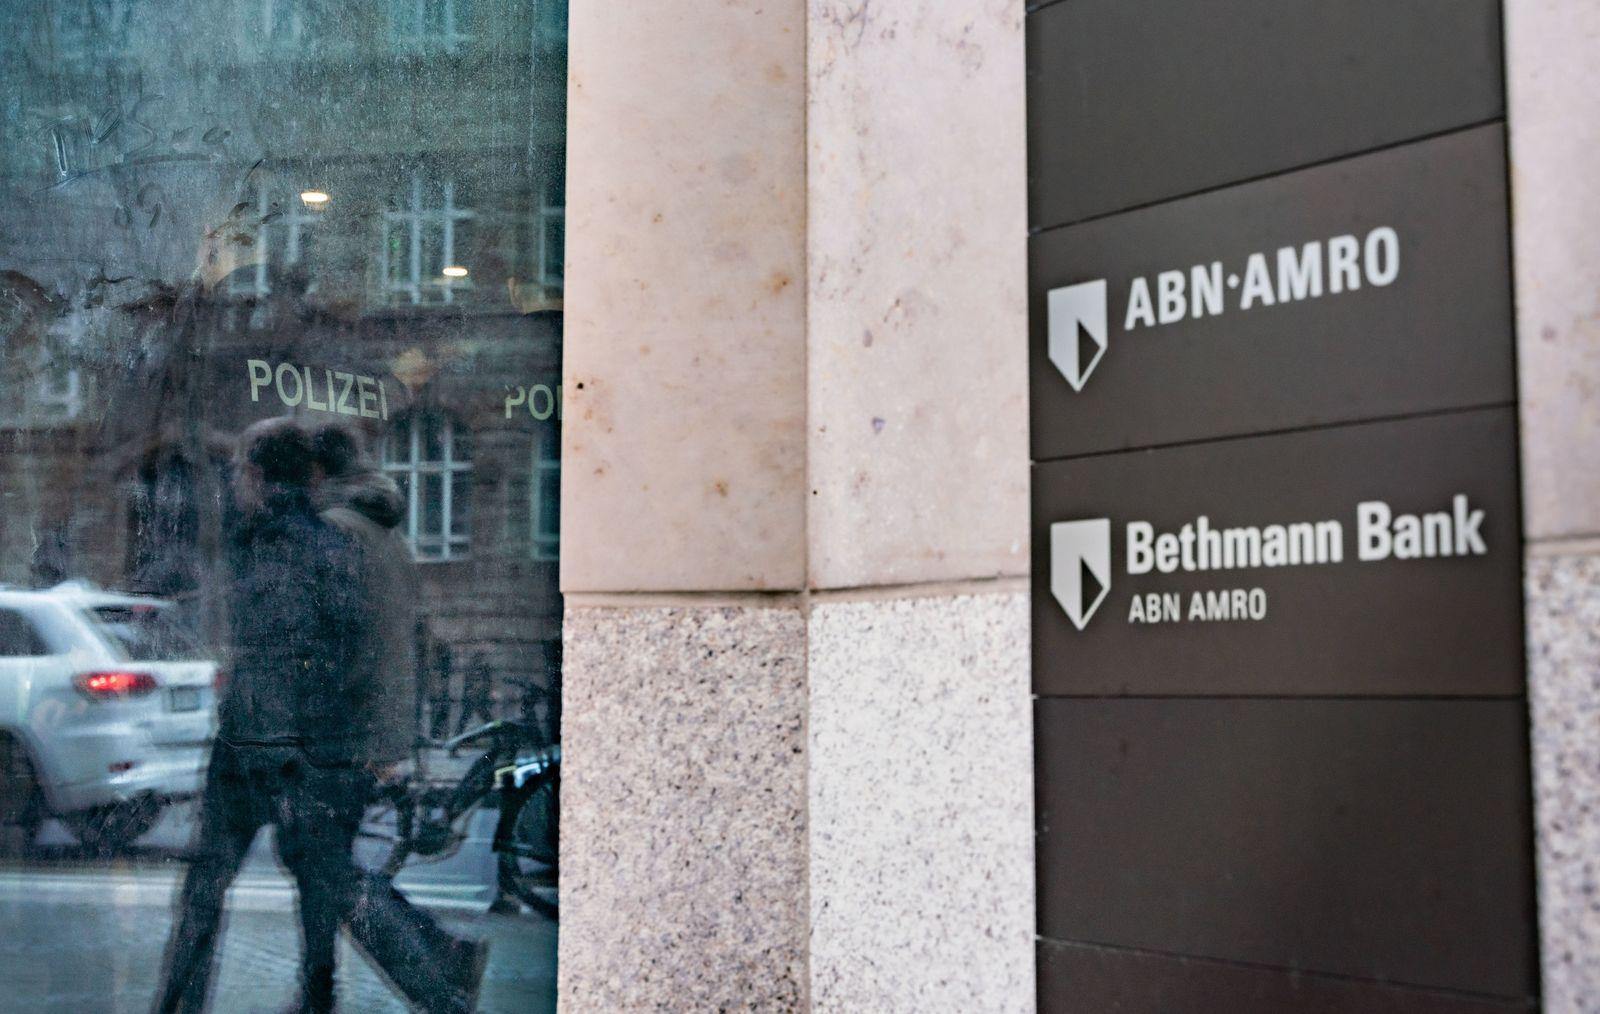 Durchsuchung bei ABN Amro - Bethmann Bank in Frankfurt/Main